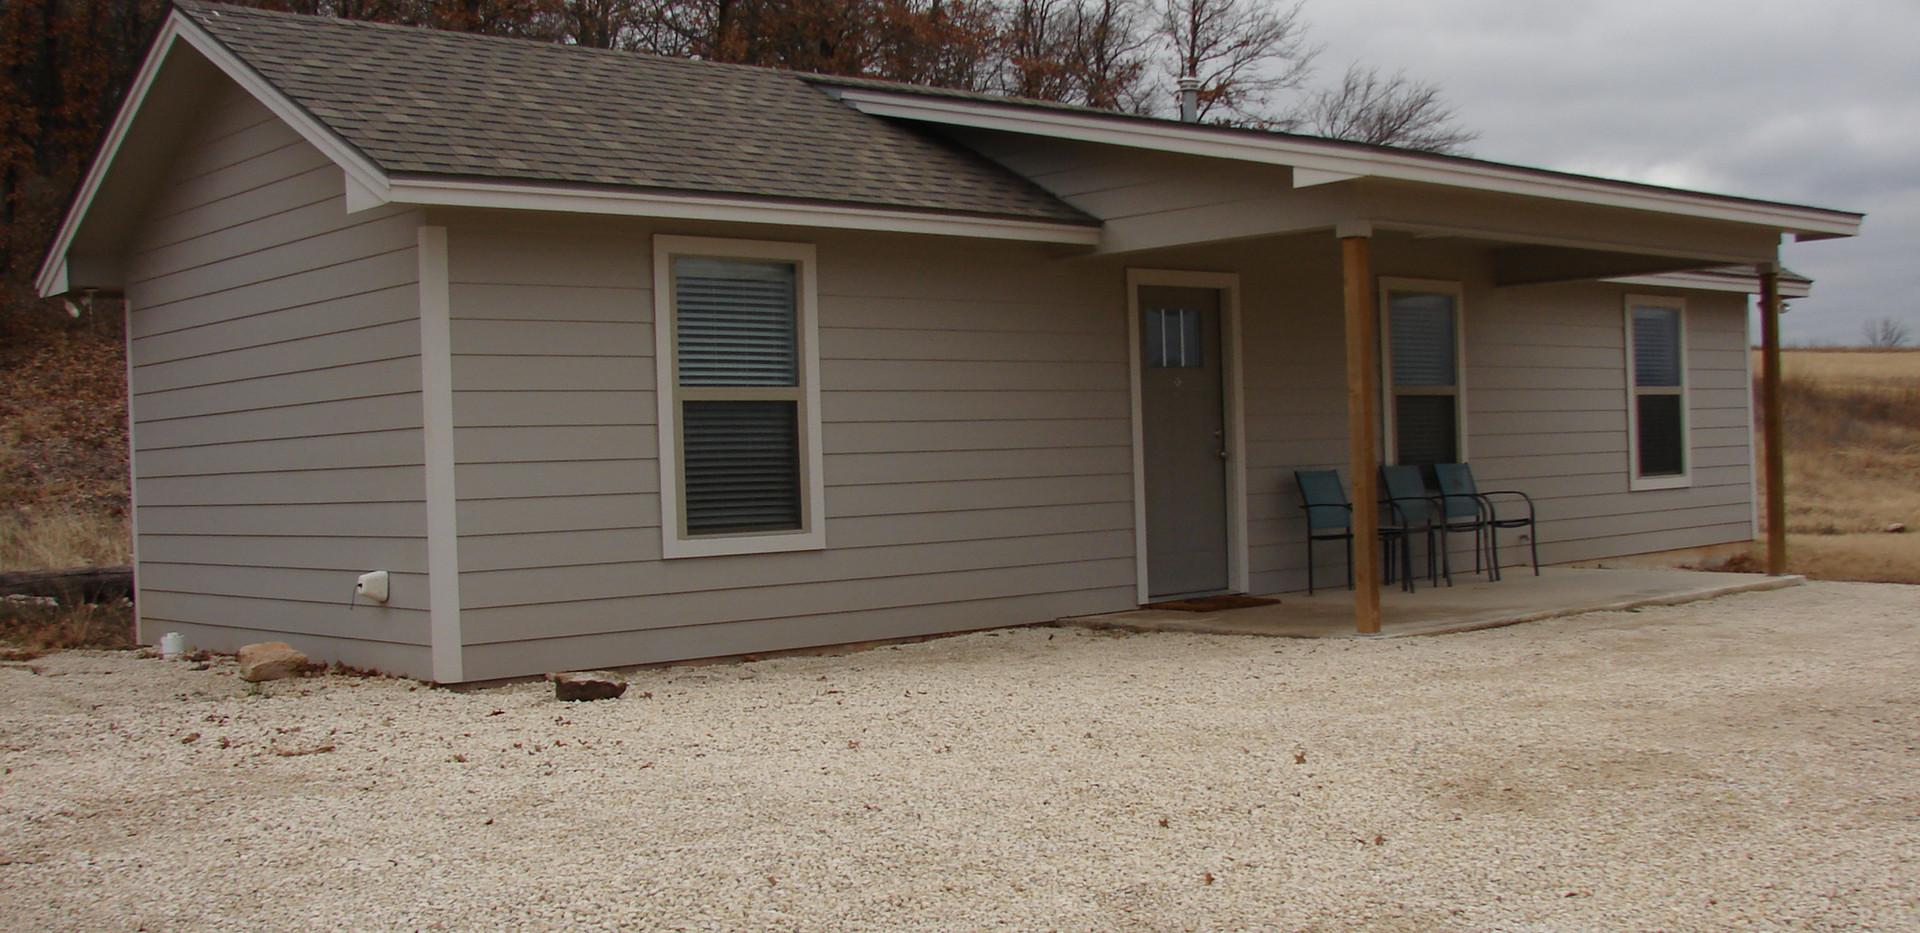 Small cabin exterior 1.JPG